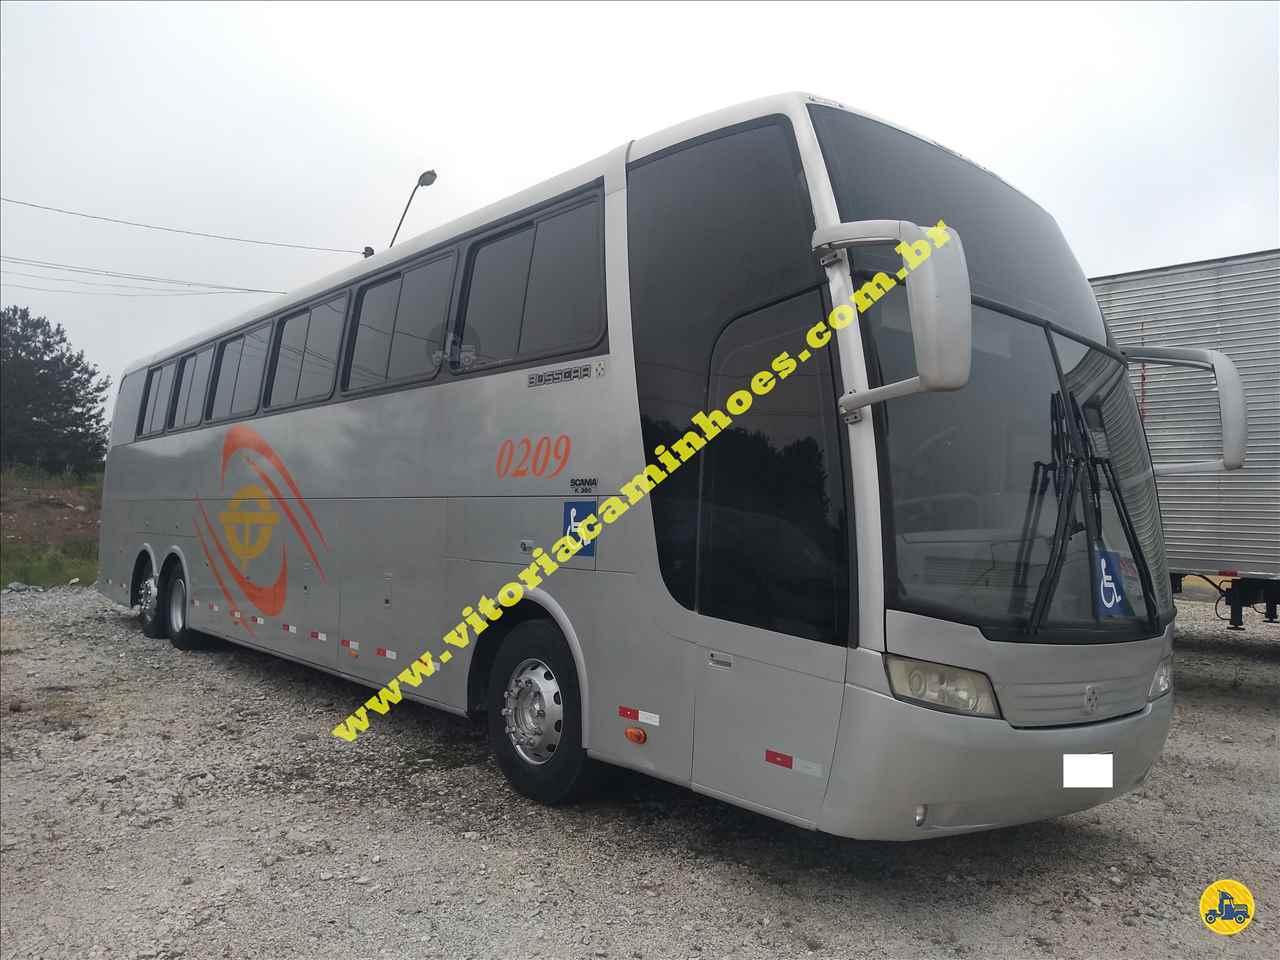 ONIBUS BUSSCAR Jum Buss 380 Tração 6x2 Vitória Caminhões CURITIBA PARANÁ PR